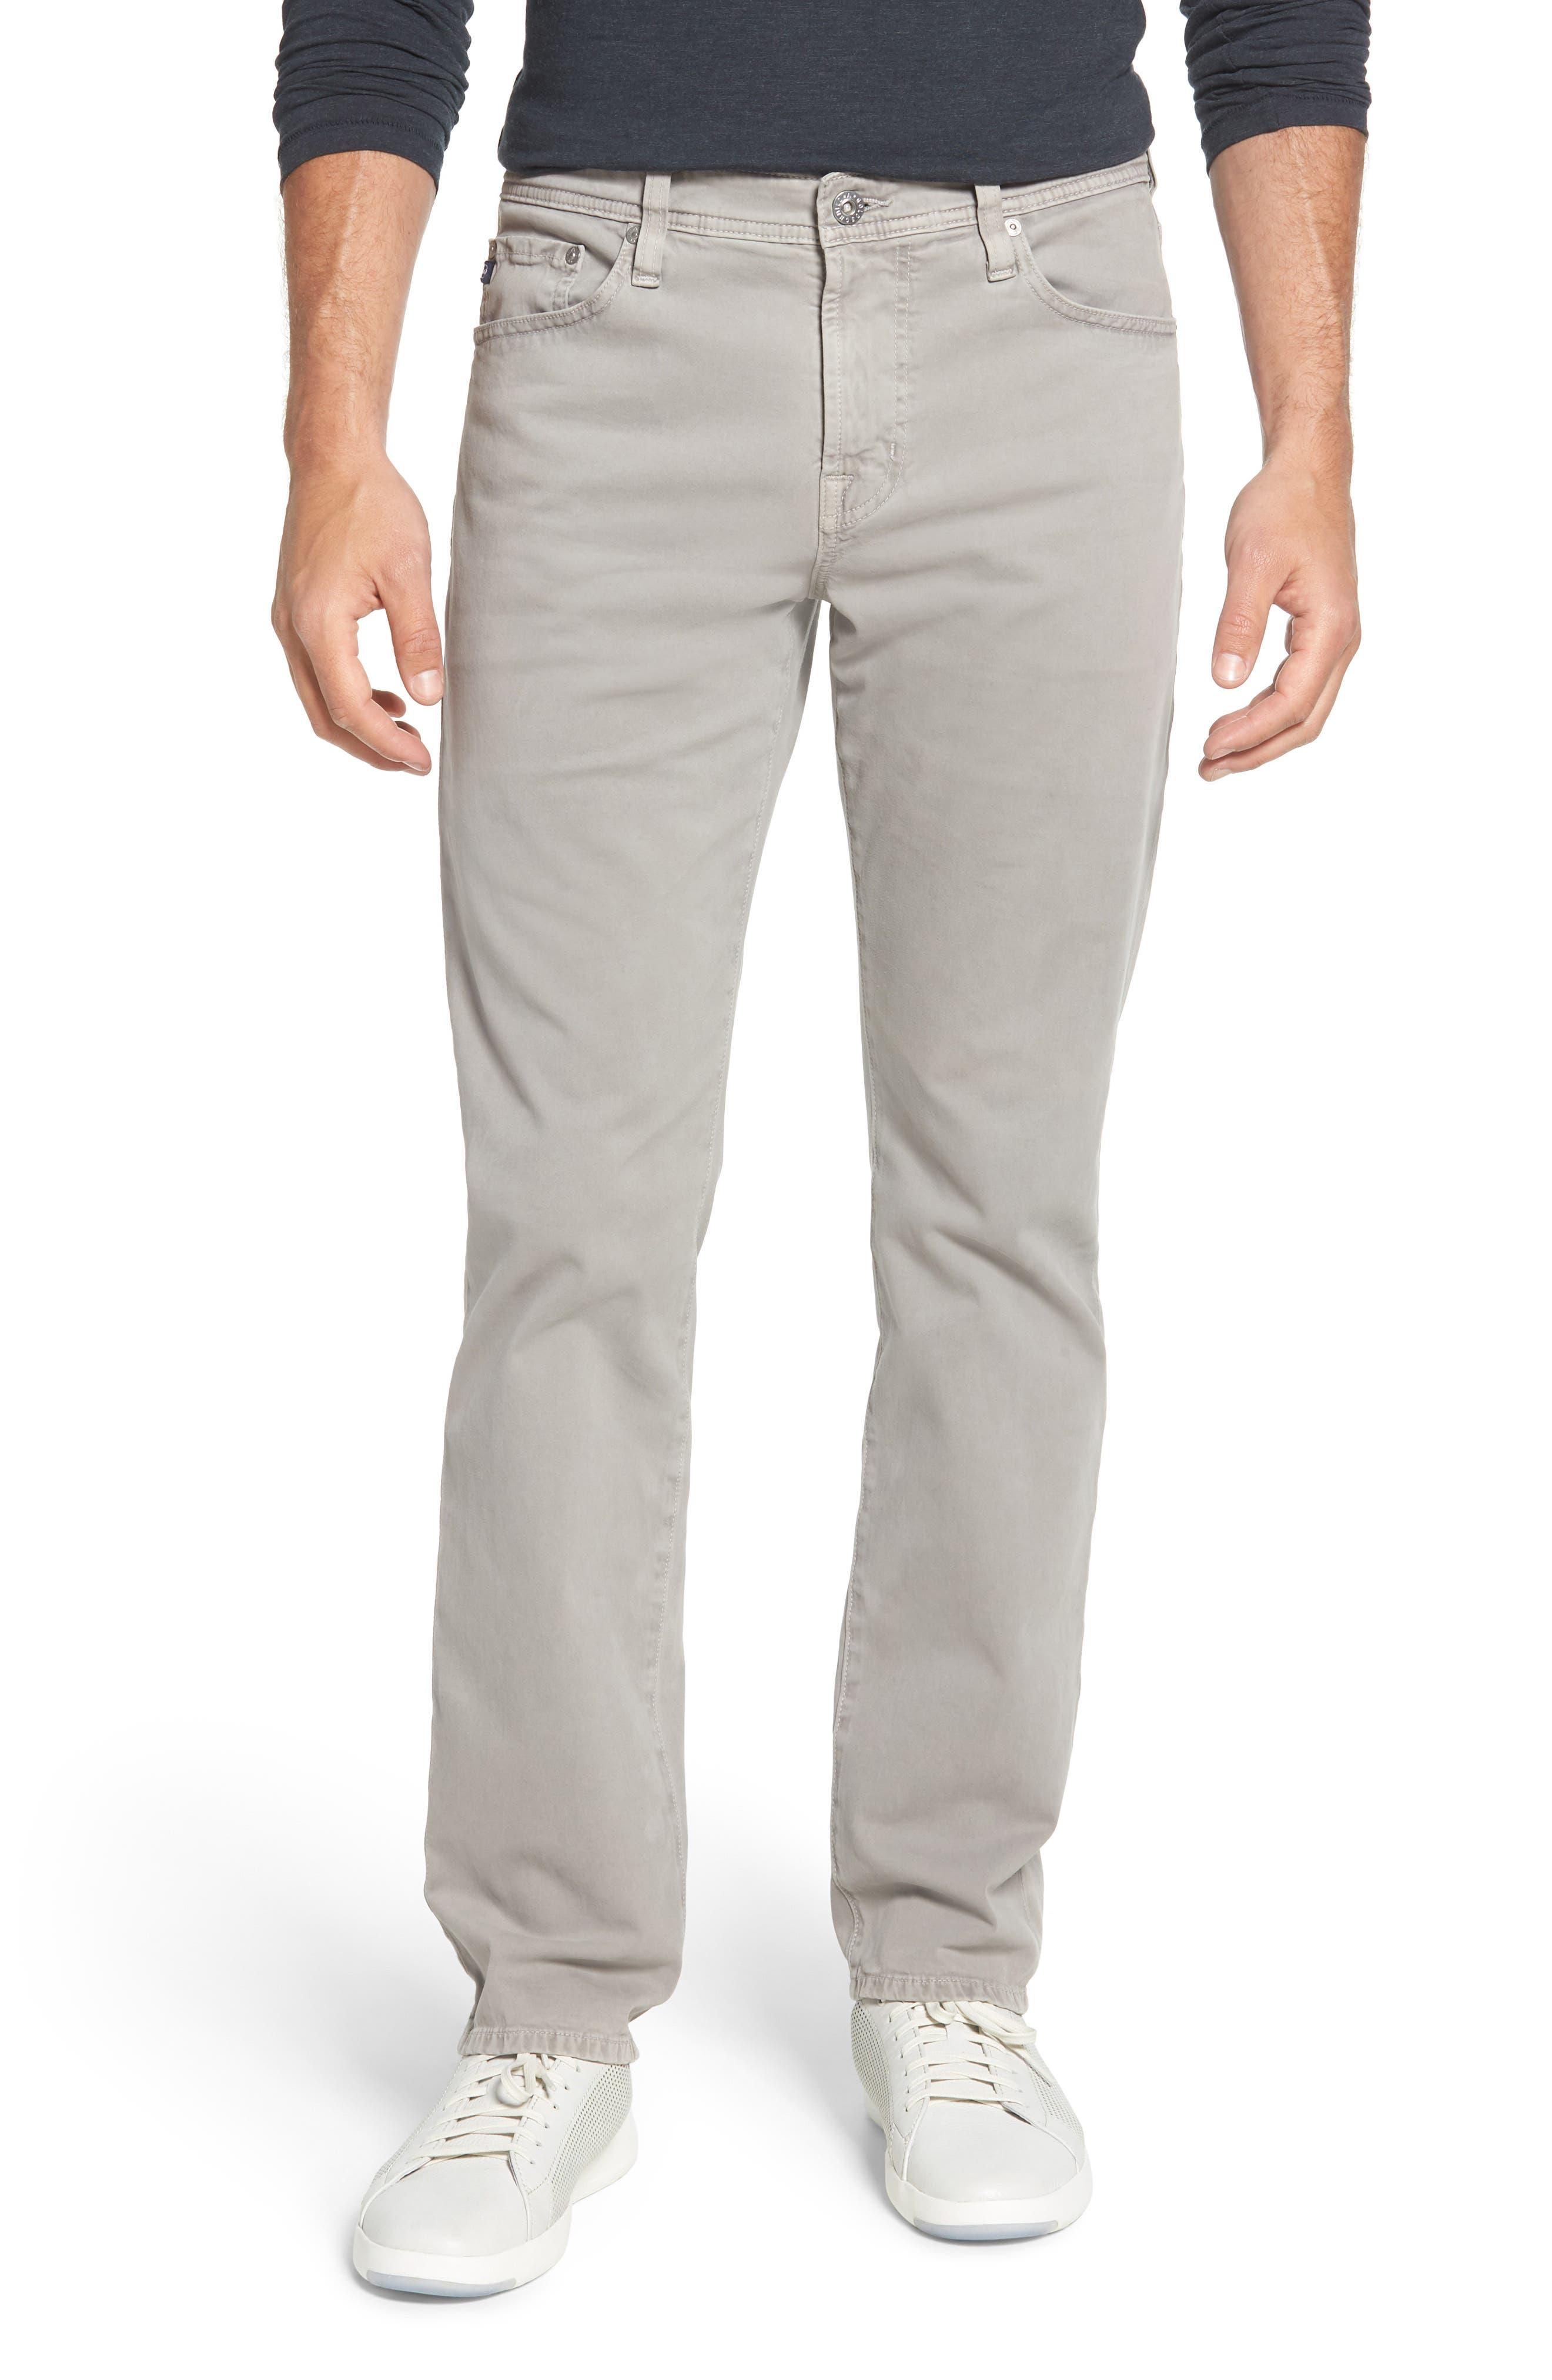 Everett SUD Slim Straight Fit Pants,                             Main thumbnail 1, color,                             SULFUR PLATINUM